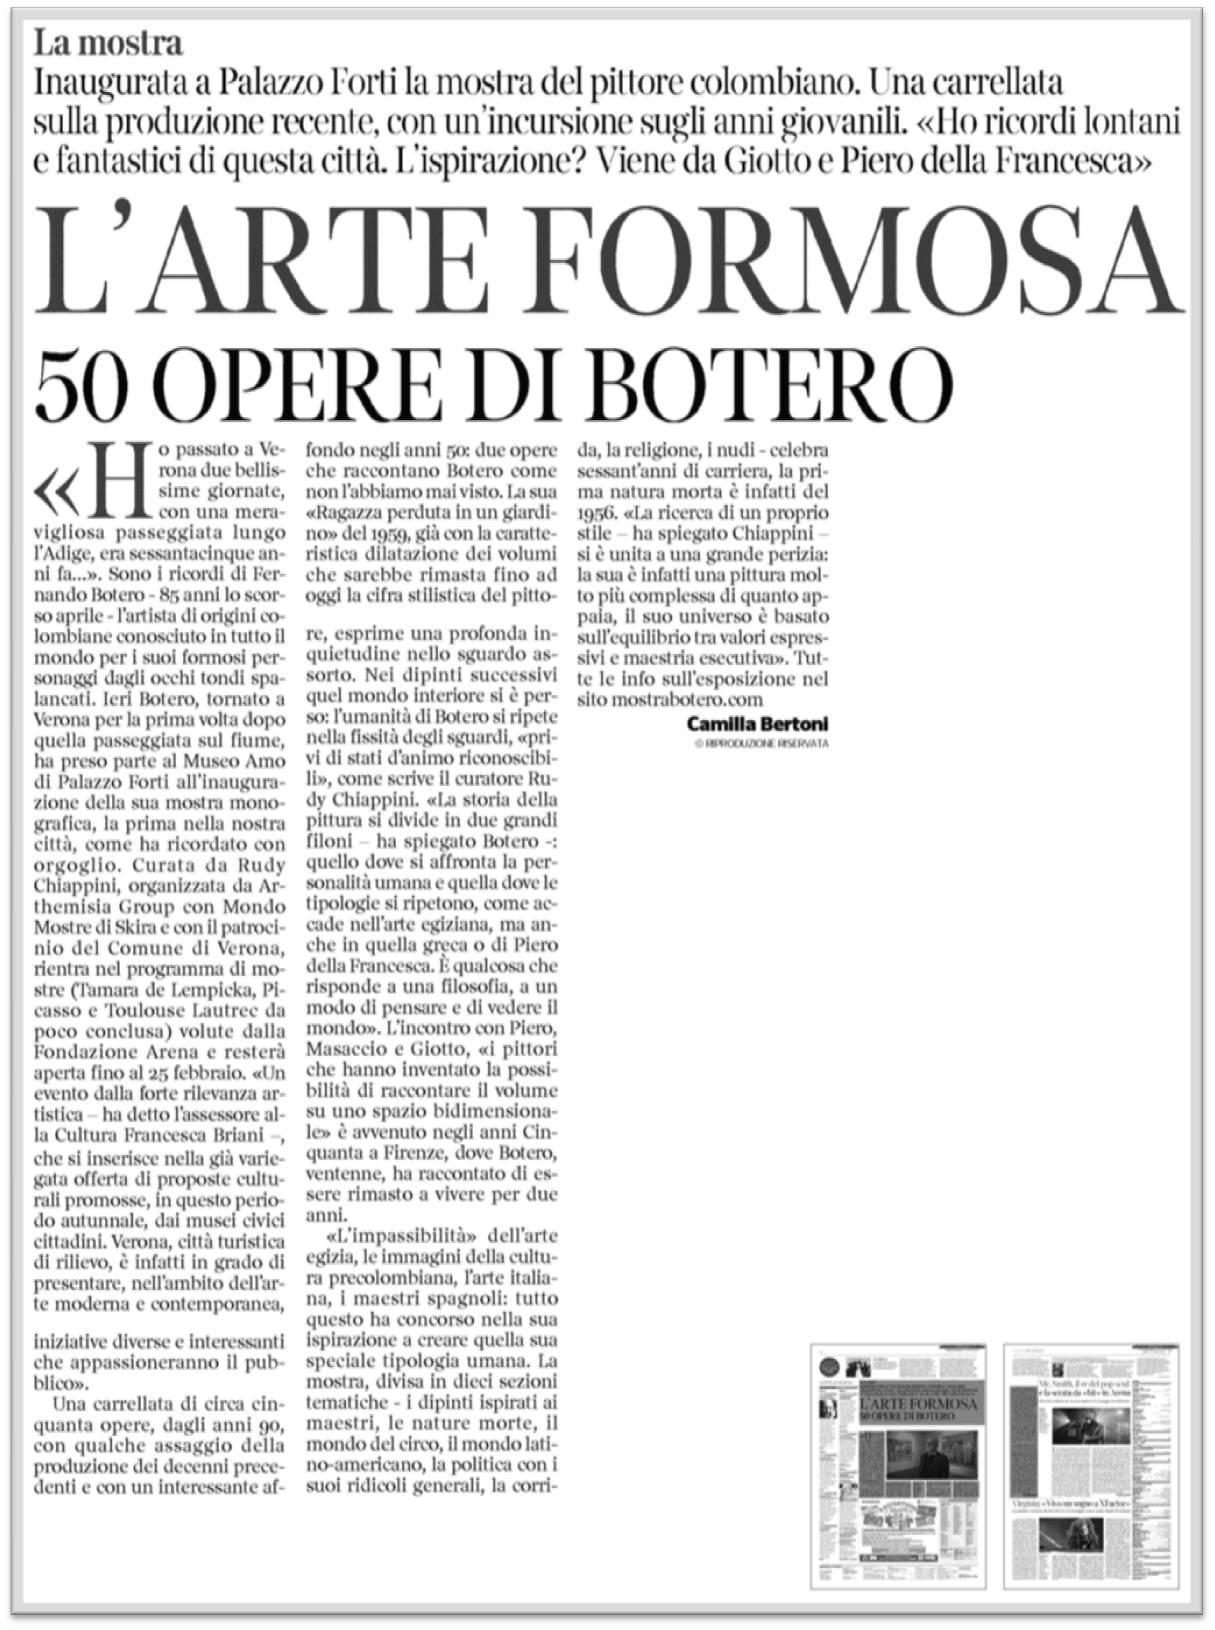 bOTERO_1bn-1